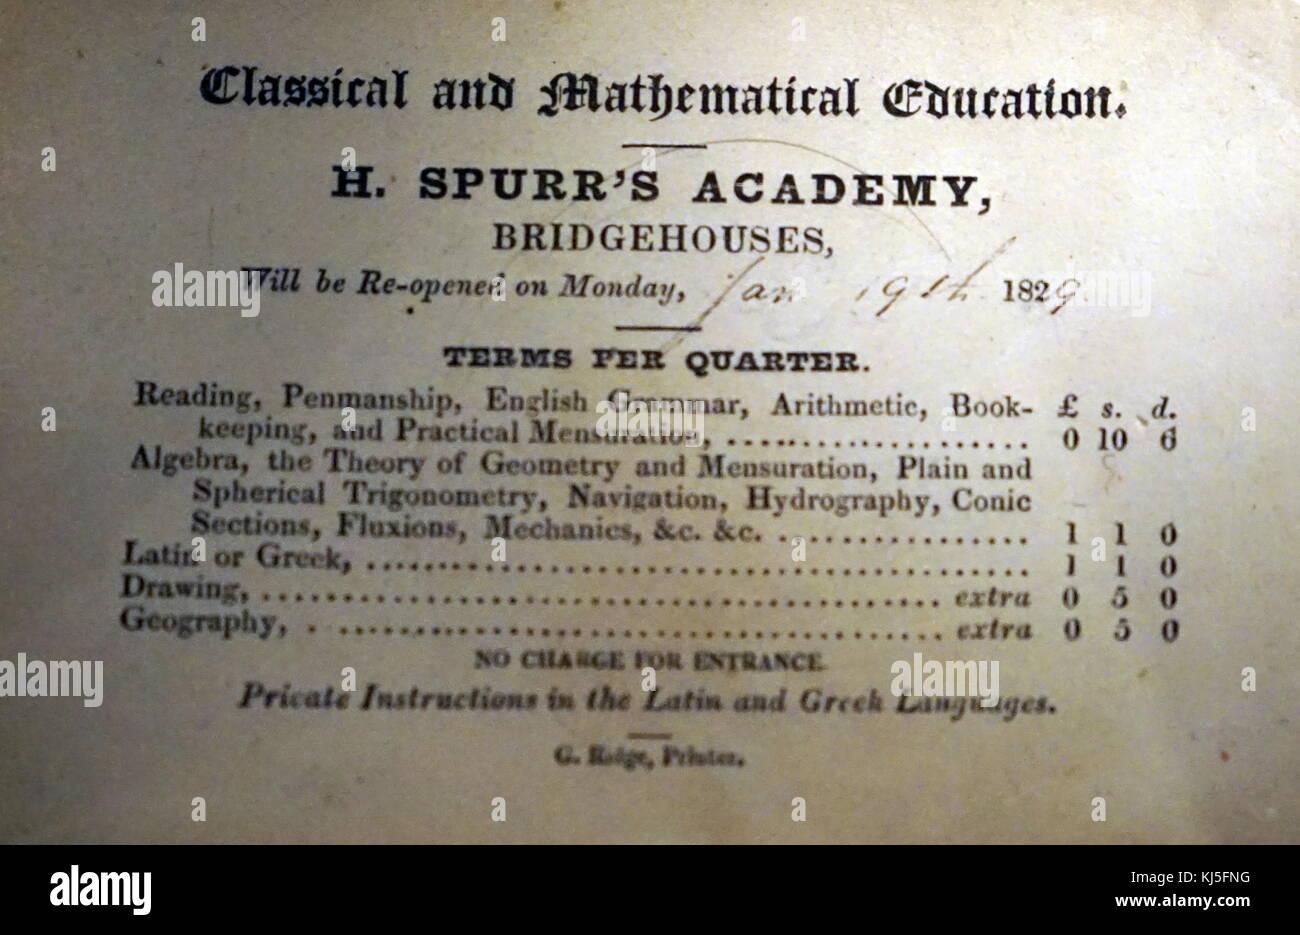 H. Spurr Academy Bridgehouses Preisliste für Klassen und Zulassung. Vom 19. Jahrhundert Stockbild